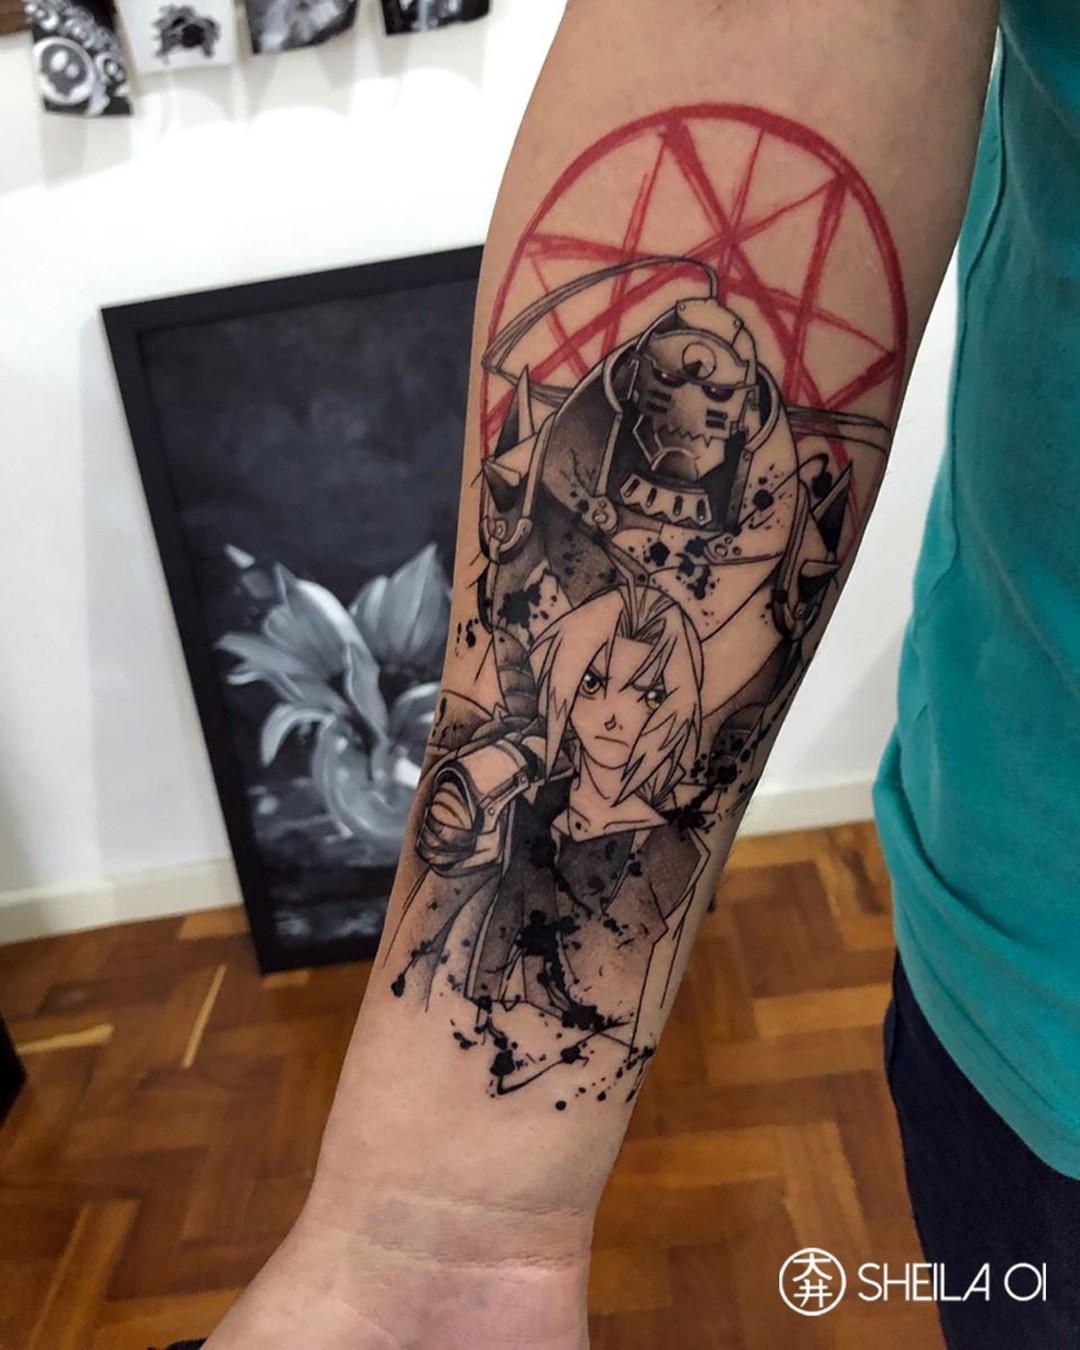 Anime tattoo on arm